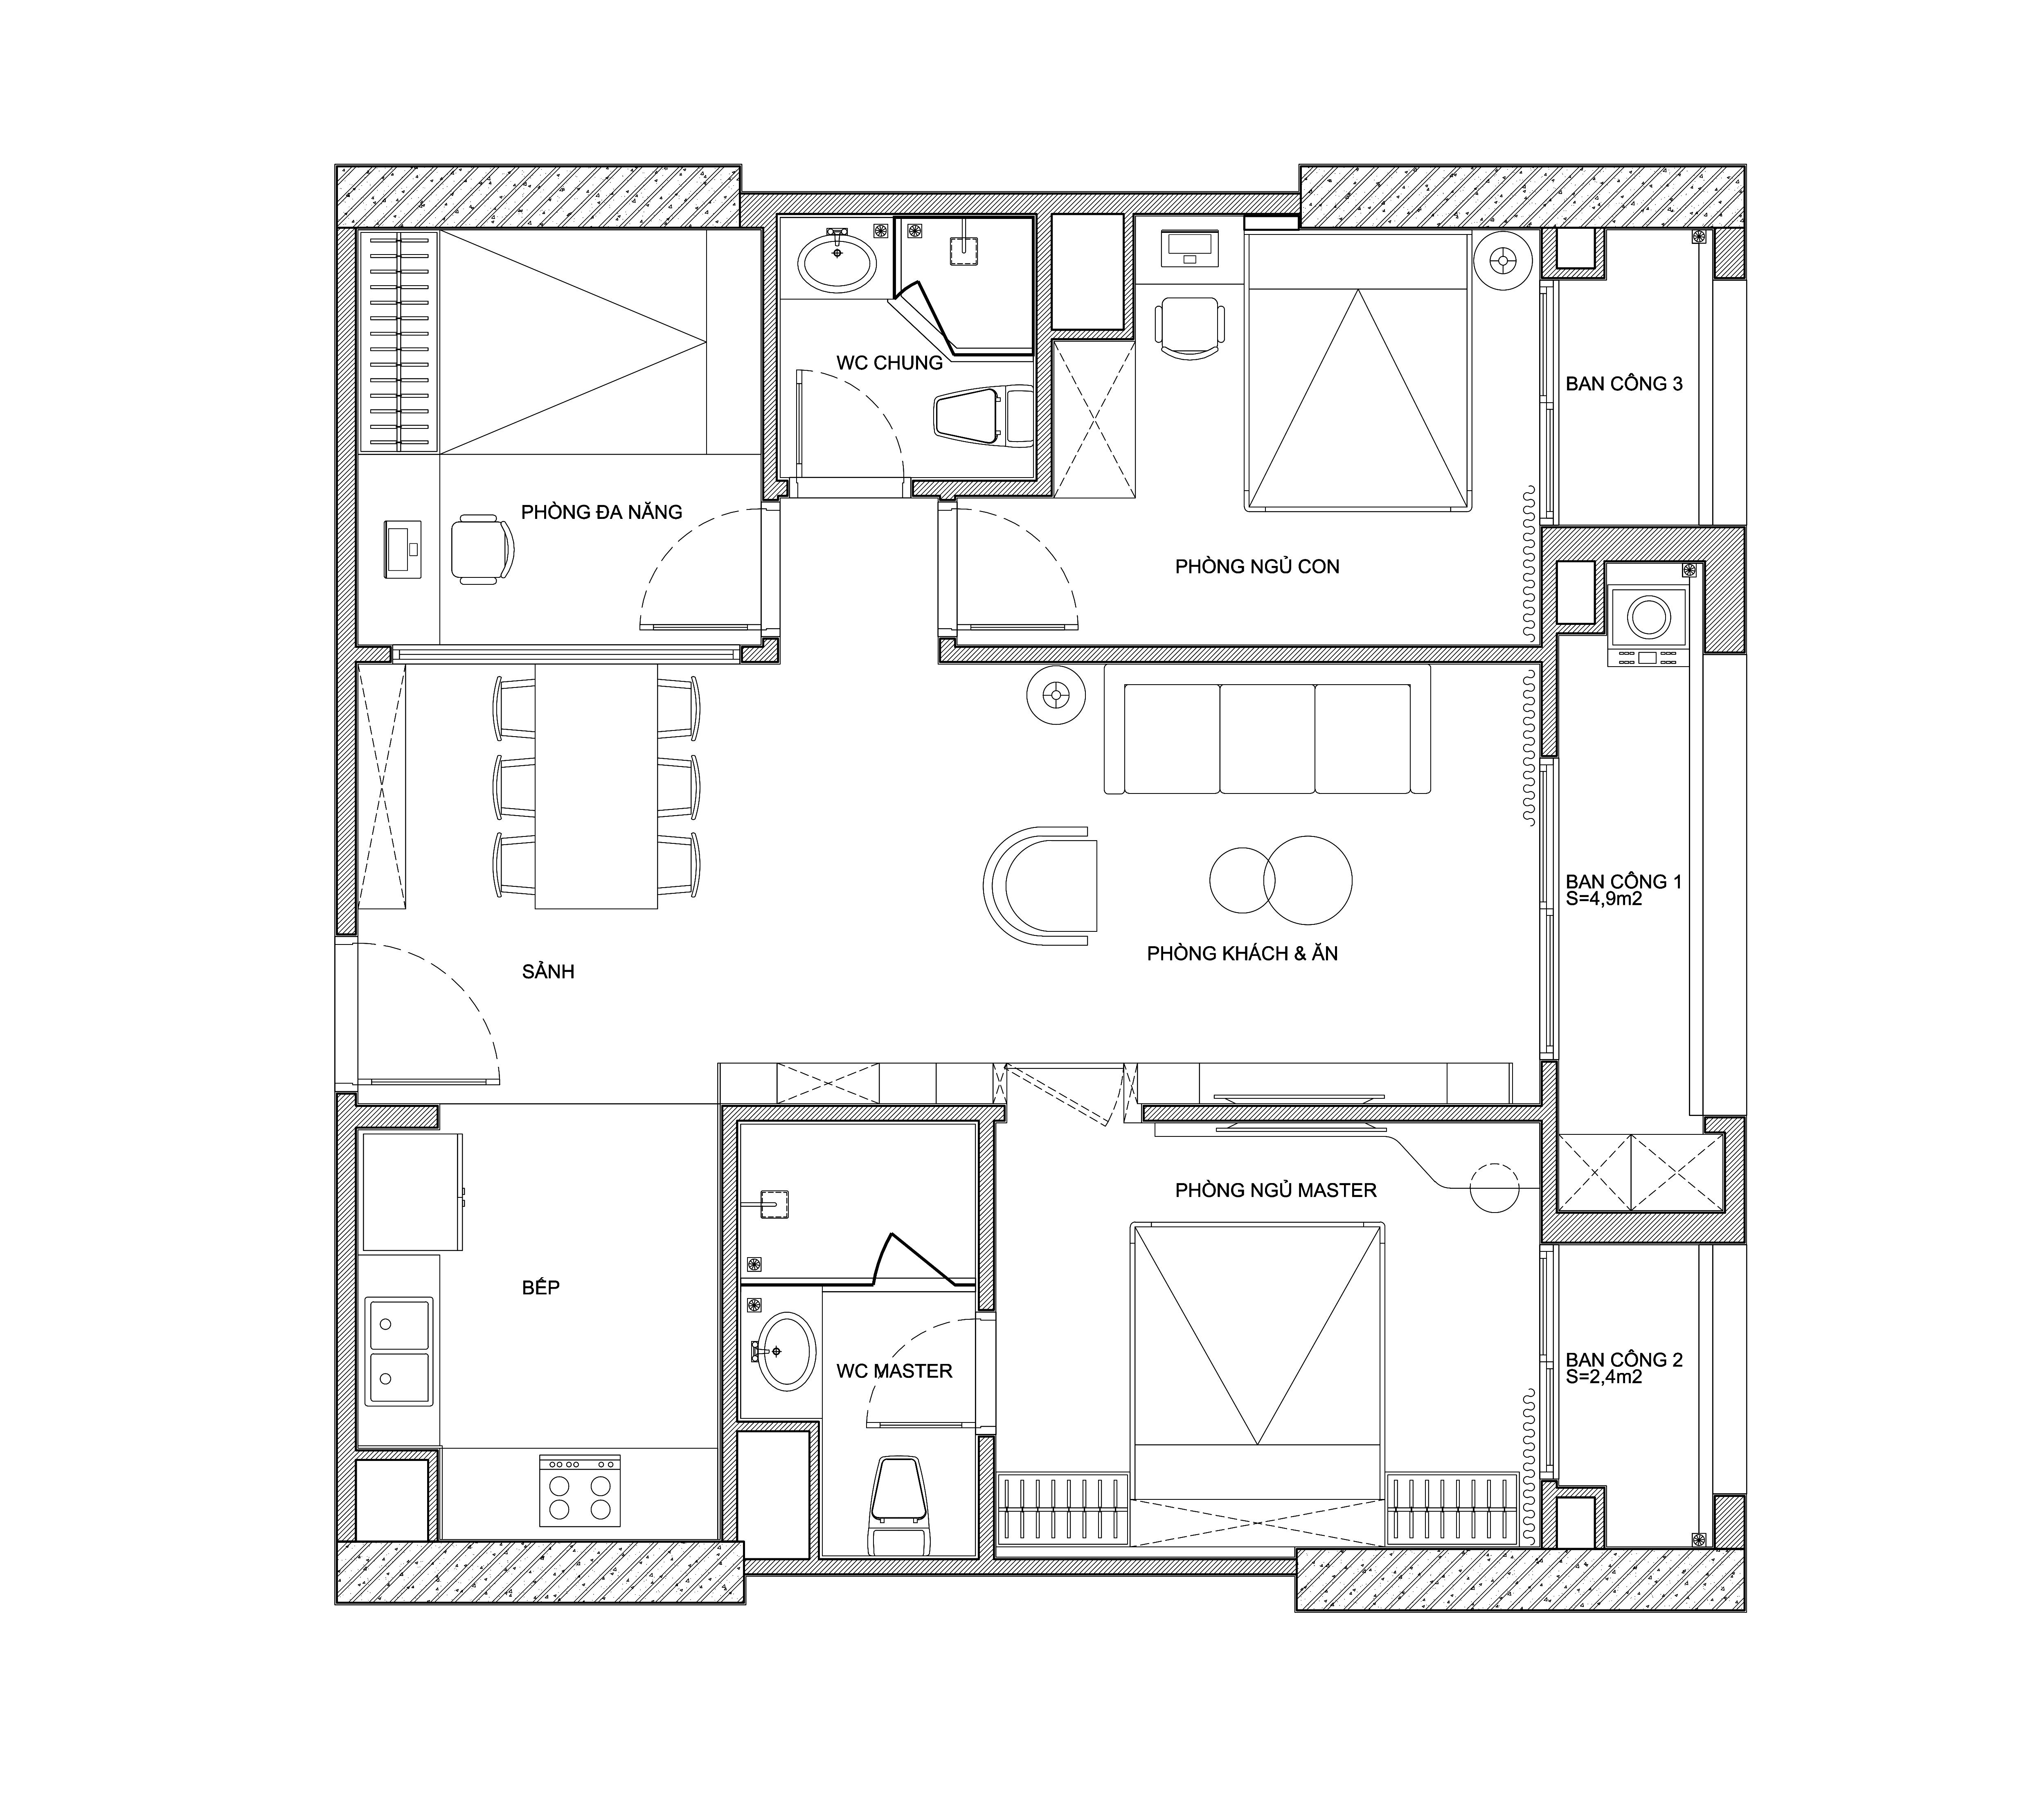 """Căn hộ 96m² tối ưu hóa công năng dành cho vợ chồng trẻ """"lười"""" dọn nhà có chi phí hoàn thiện 400 triệu đồng ở Hà Nội - Ảnh 3."""